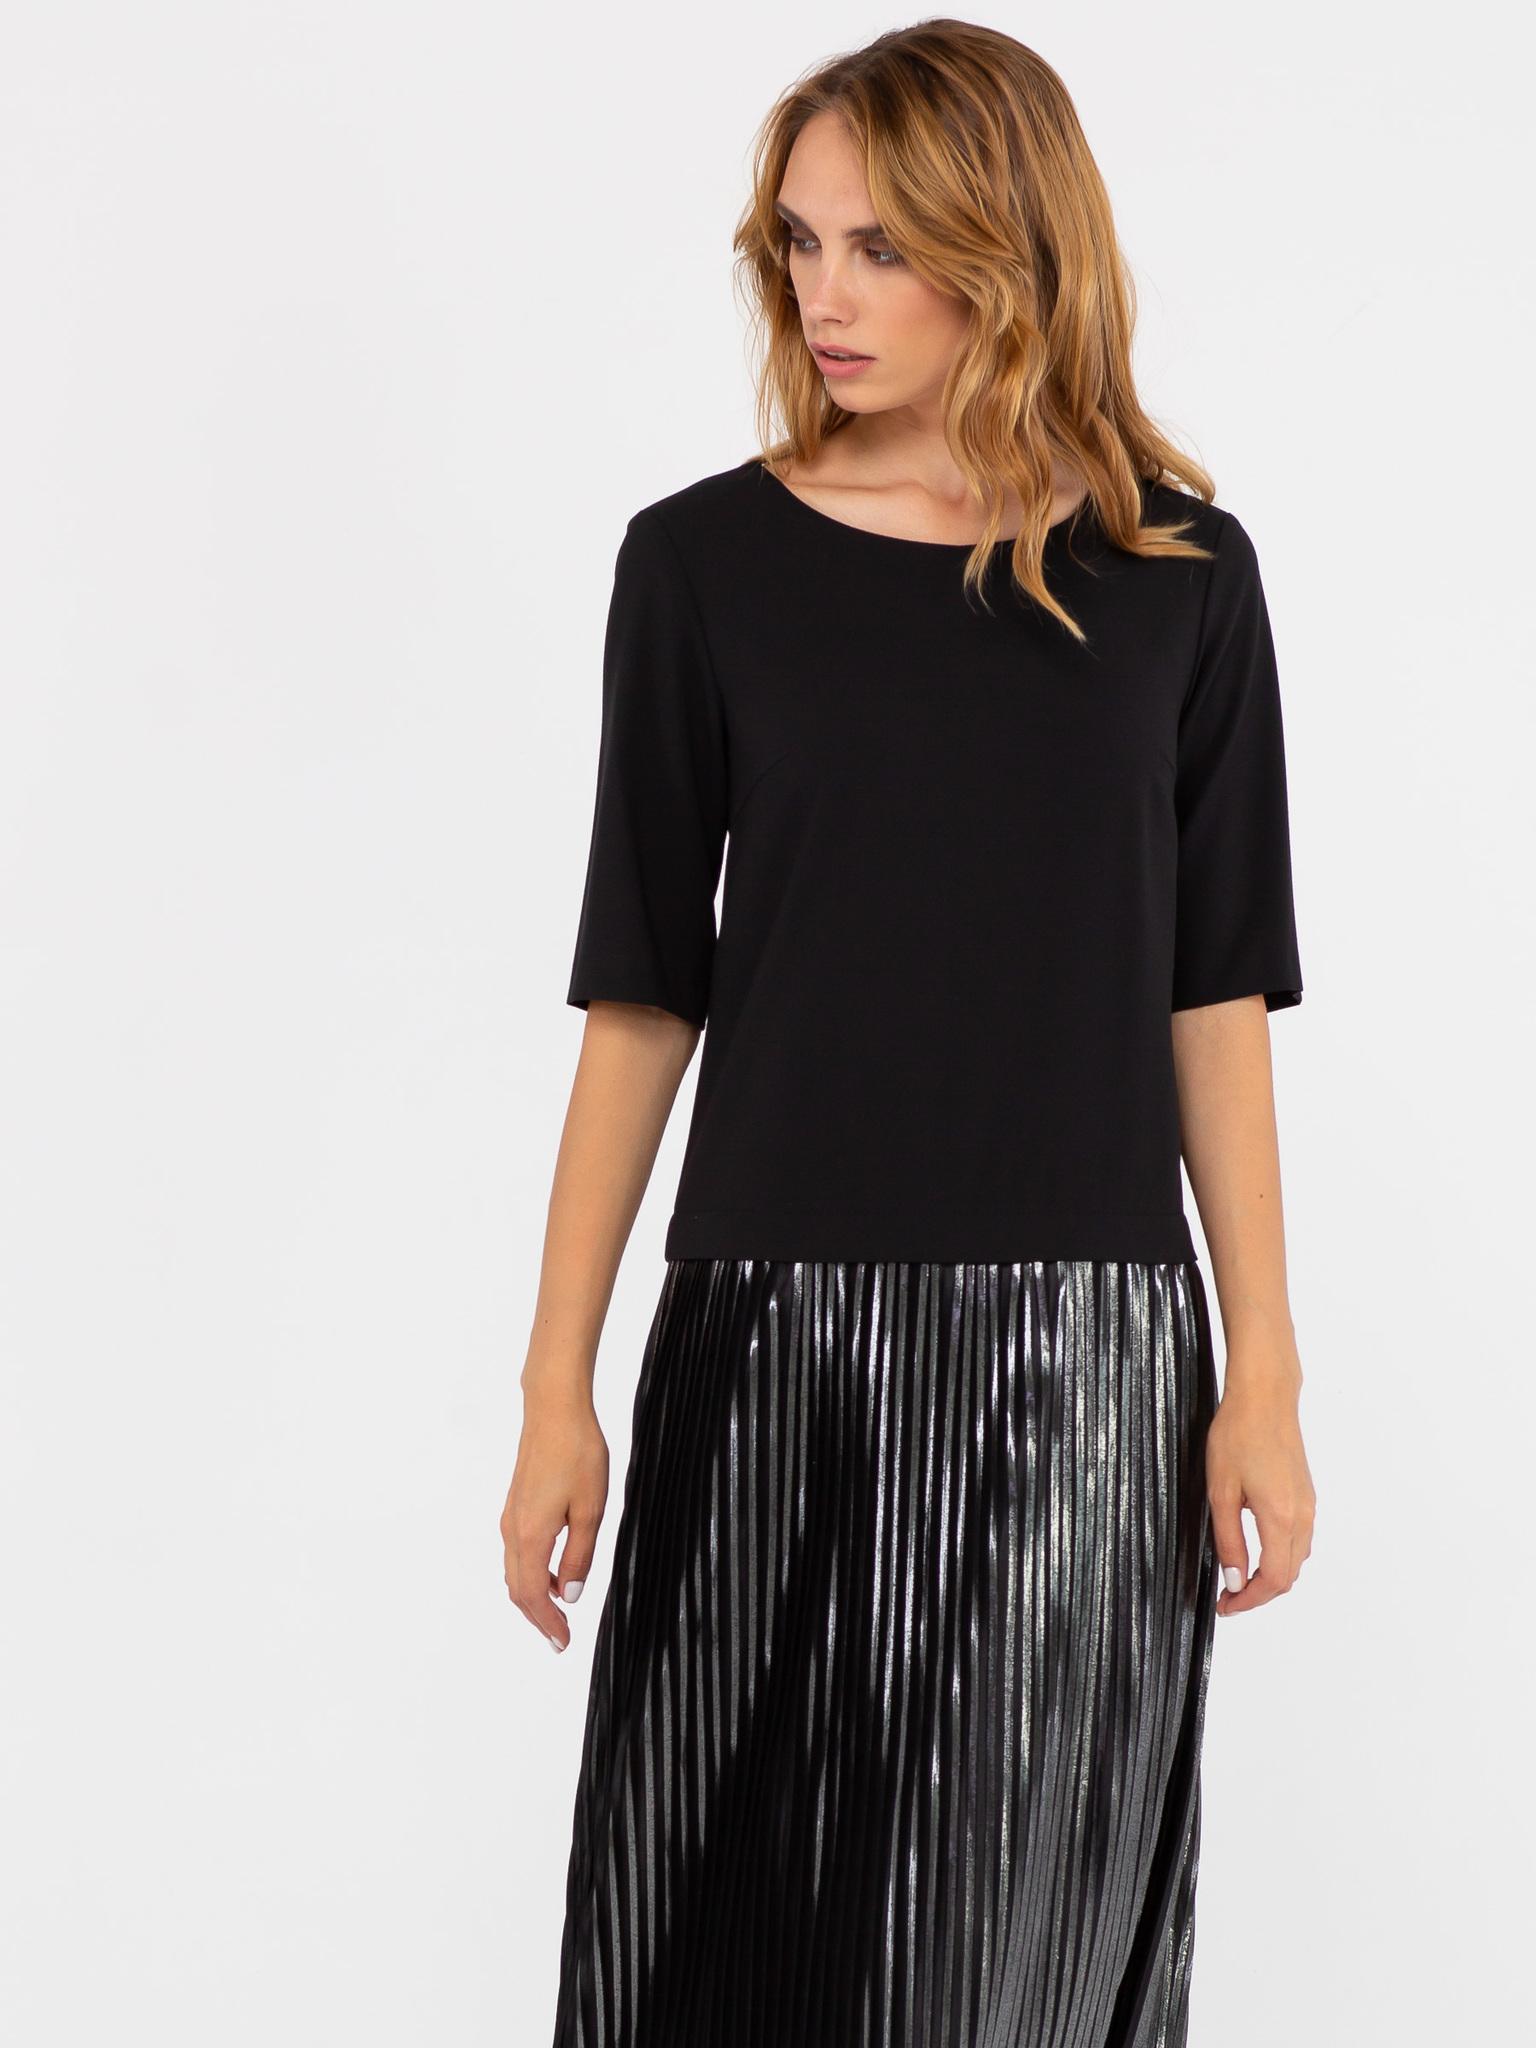 Платье З249-393 - Платье необычного кроя, состоящее из строгого верха и нарядной, плиссированной юбки макси. Необычная отделка пуговицами по спинке делает модель еще более привлекательной. Платье выглядит стильно и немного строго. Отлично подойдет для офисного образа на весну и лето.